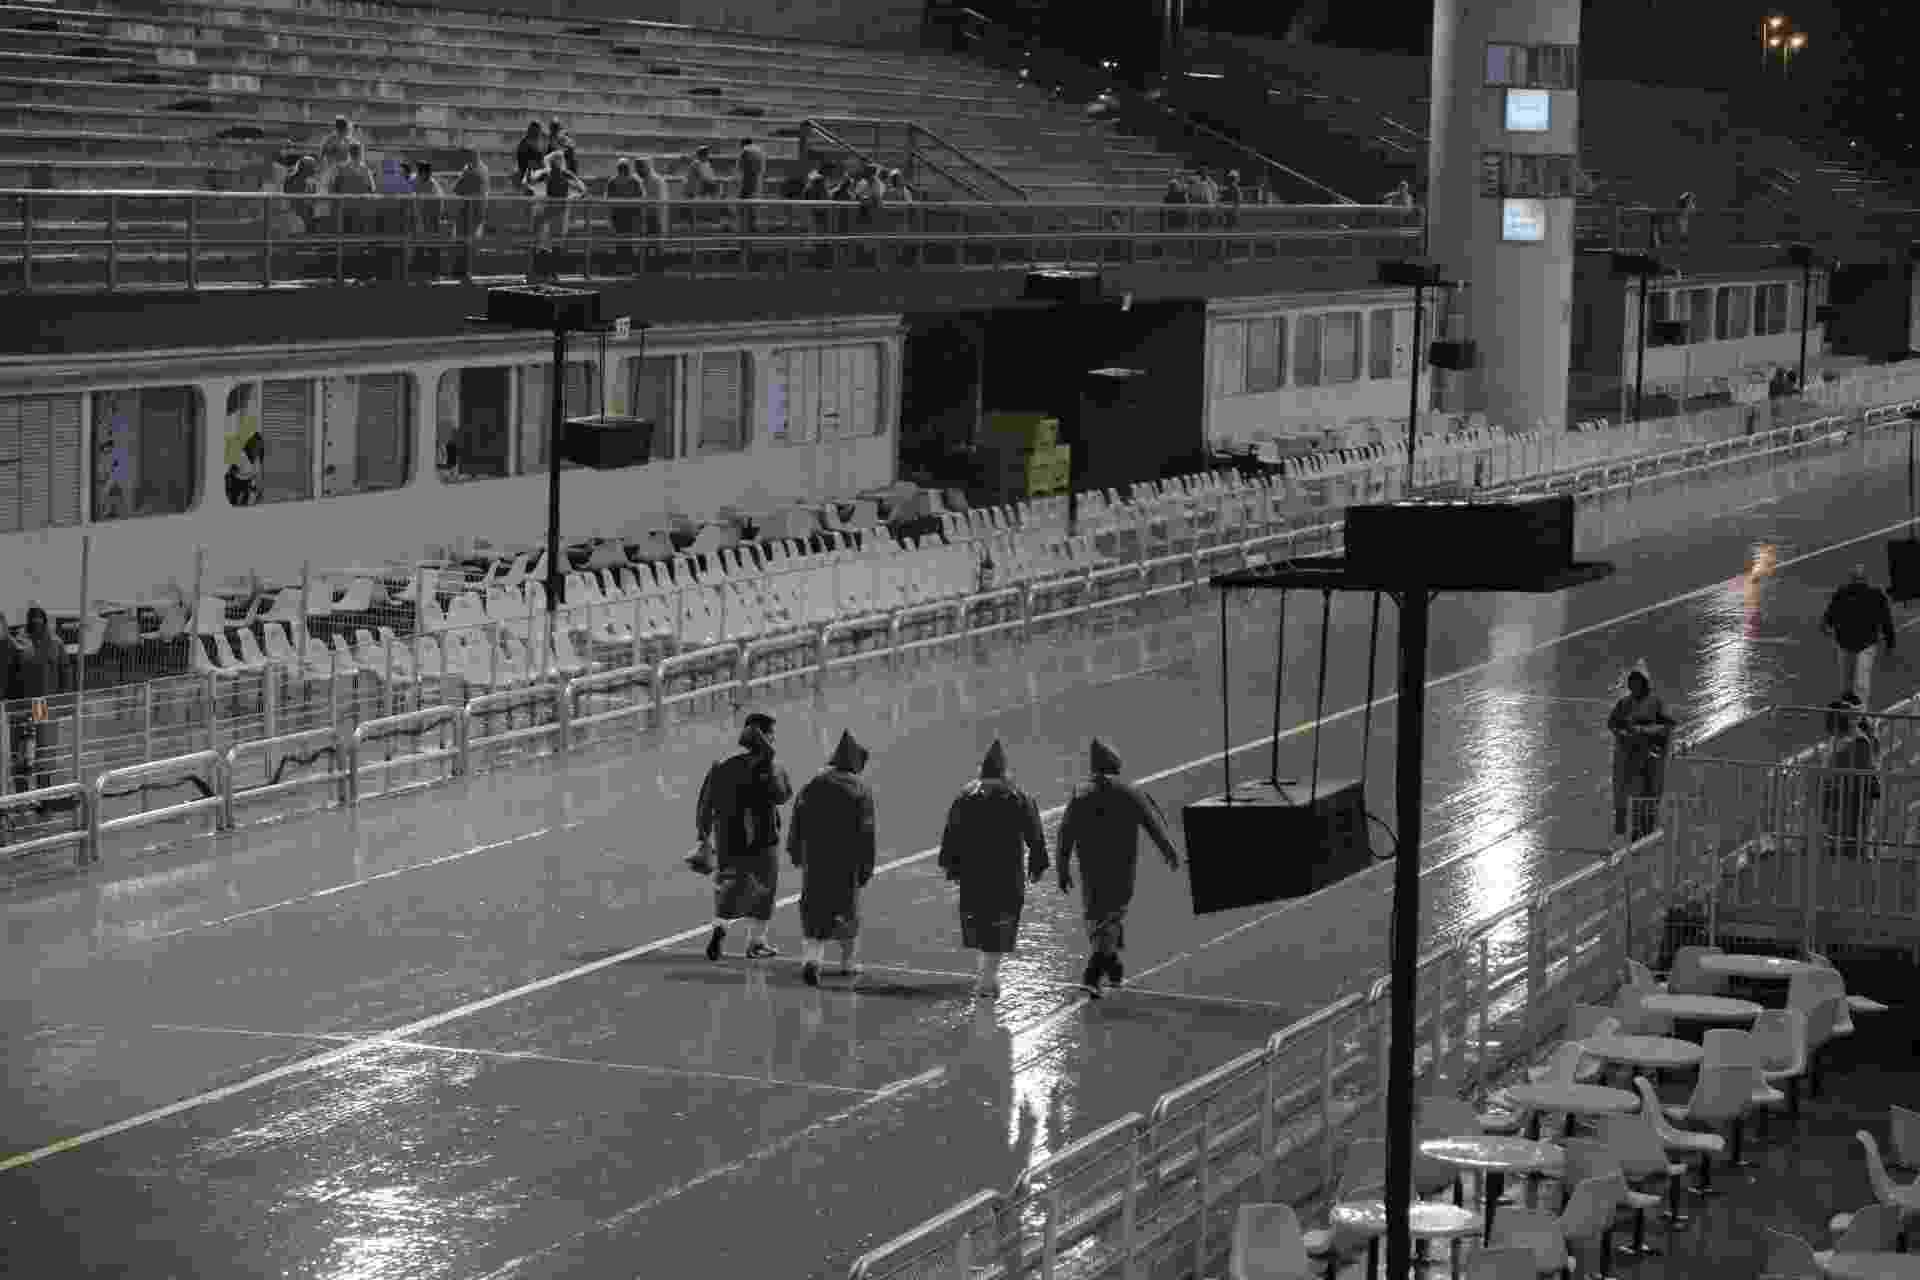 24.fev.2017 - Foliões chegam para primeira noite de desfiles no Anhembi - Simon Plestenjak/UOL